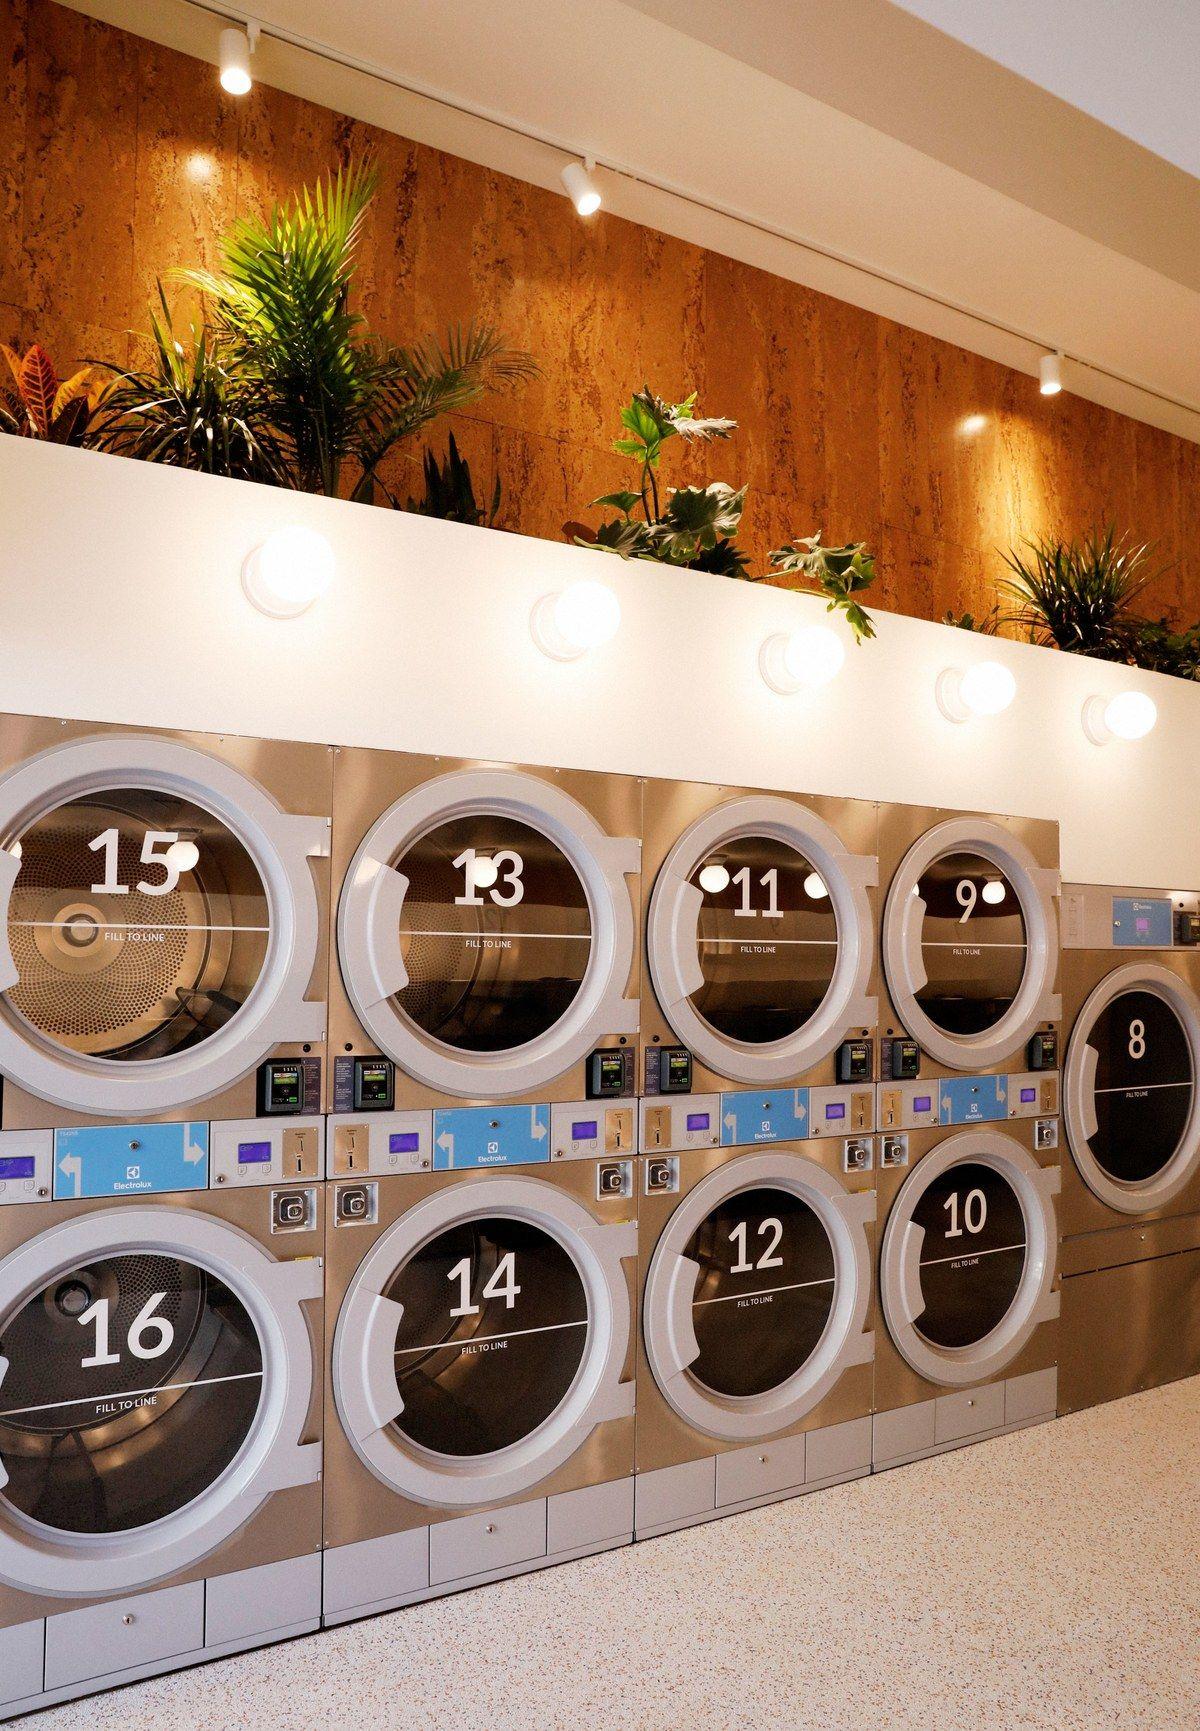 This Stylish New Laundromat Serves Craft Kombucha While